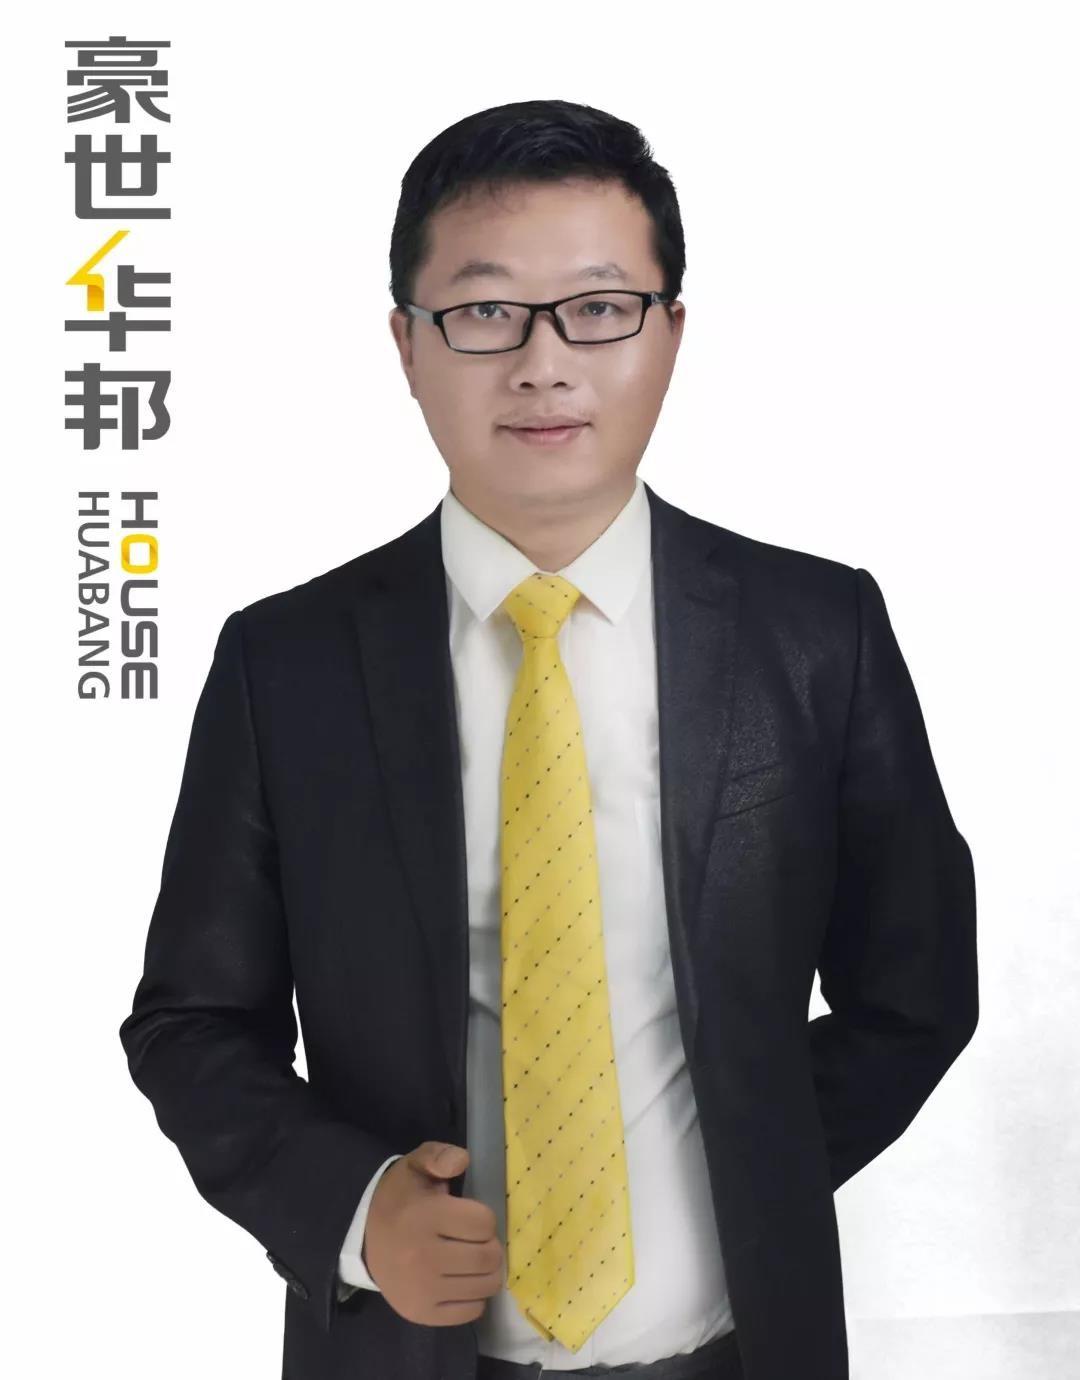 豪世华邦桂贤亮: 房产从业九年,服务升级融入智慧之城